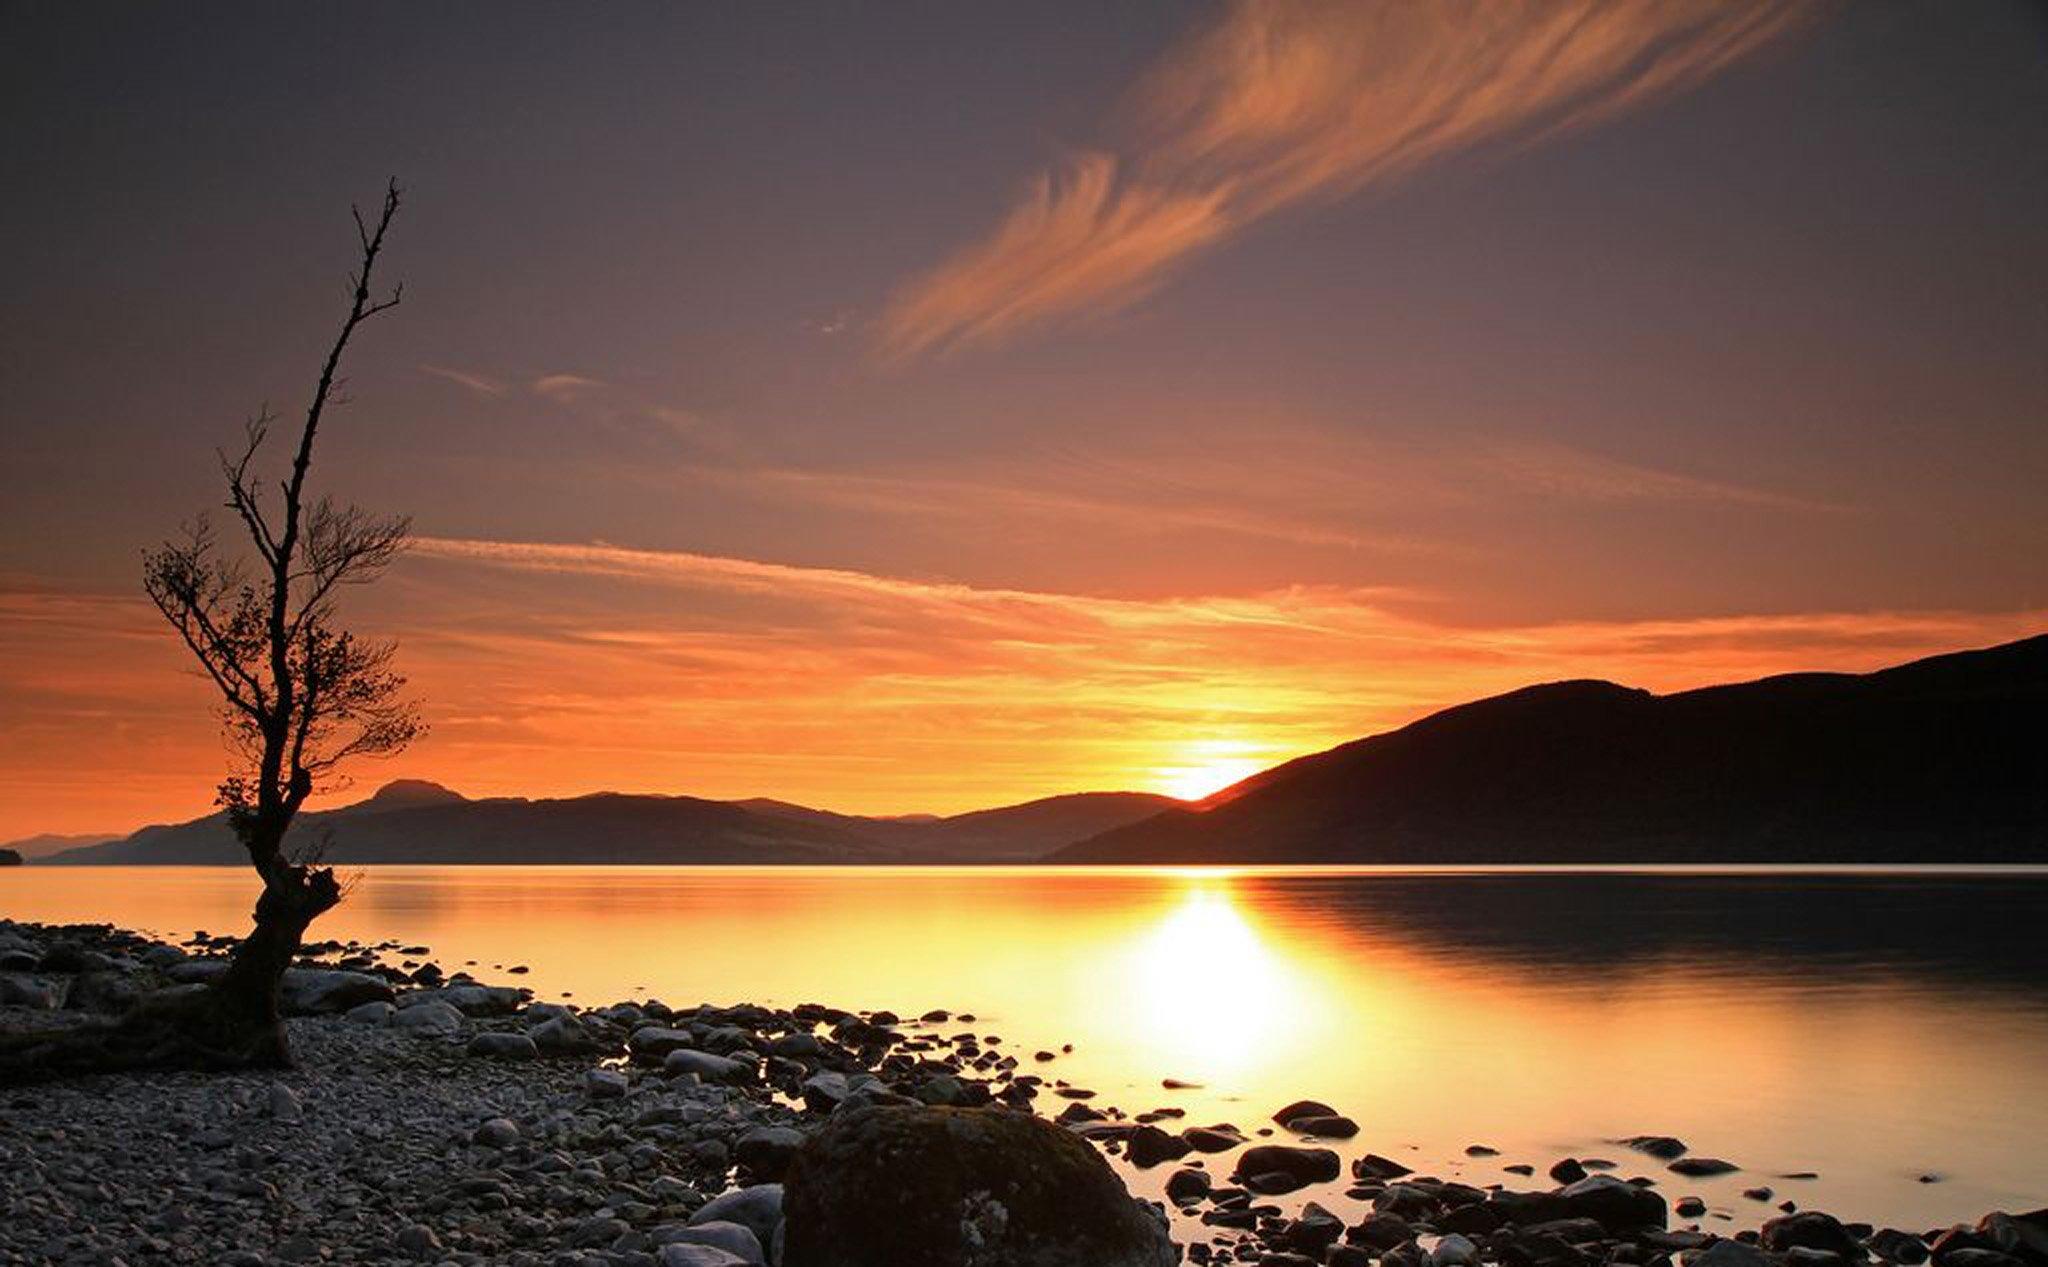 Hình ảnh bình minh tuyệt đẹp trên mặt hồ